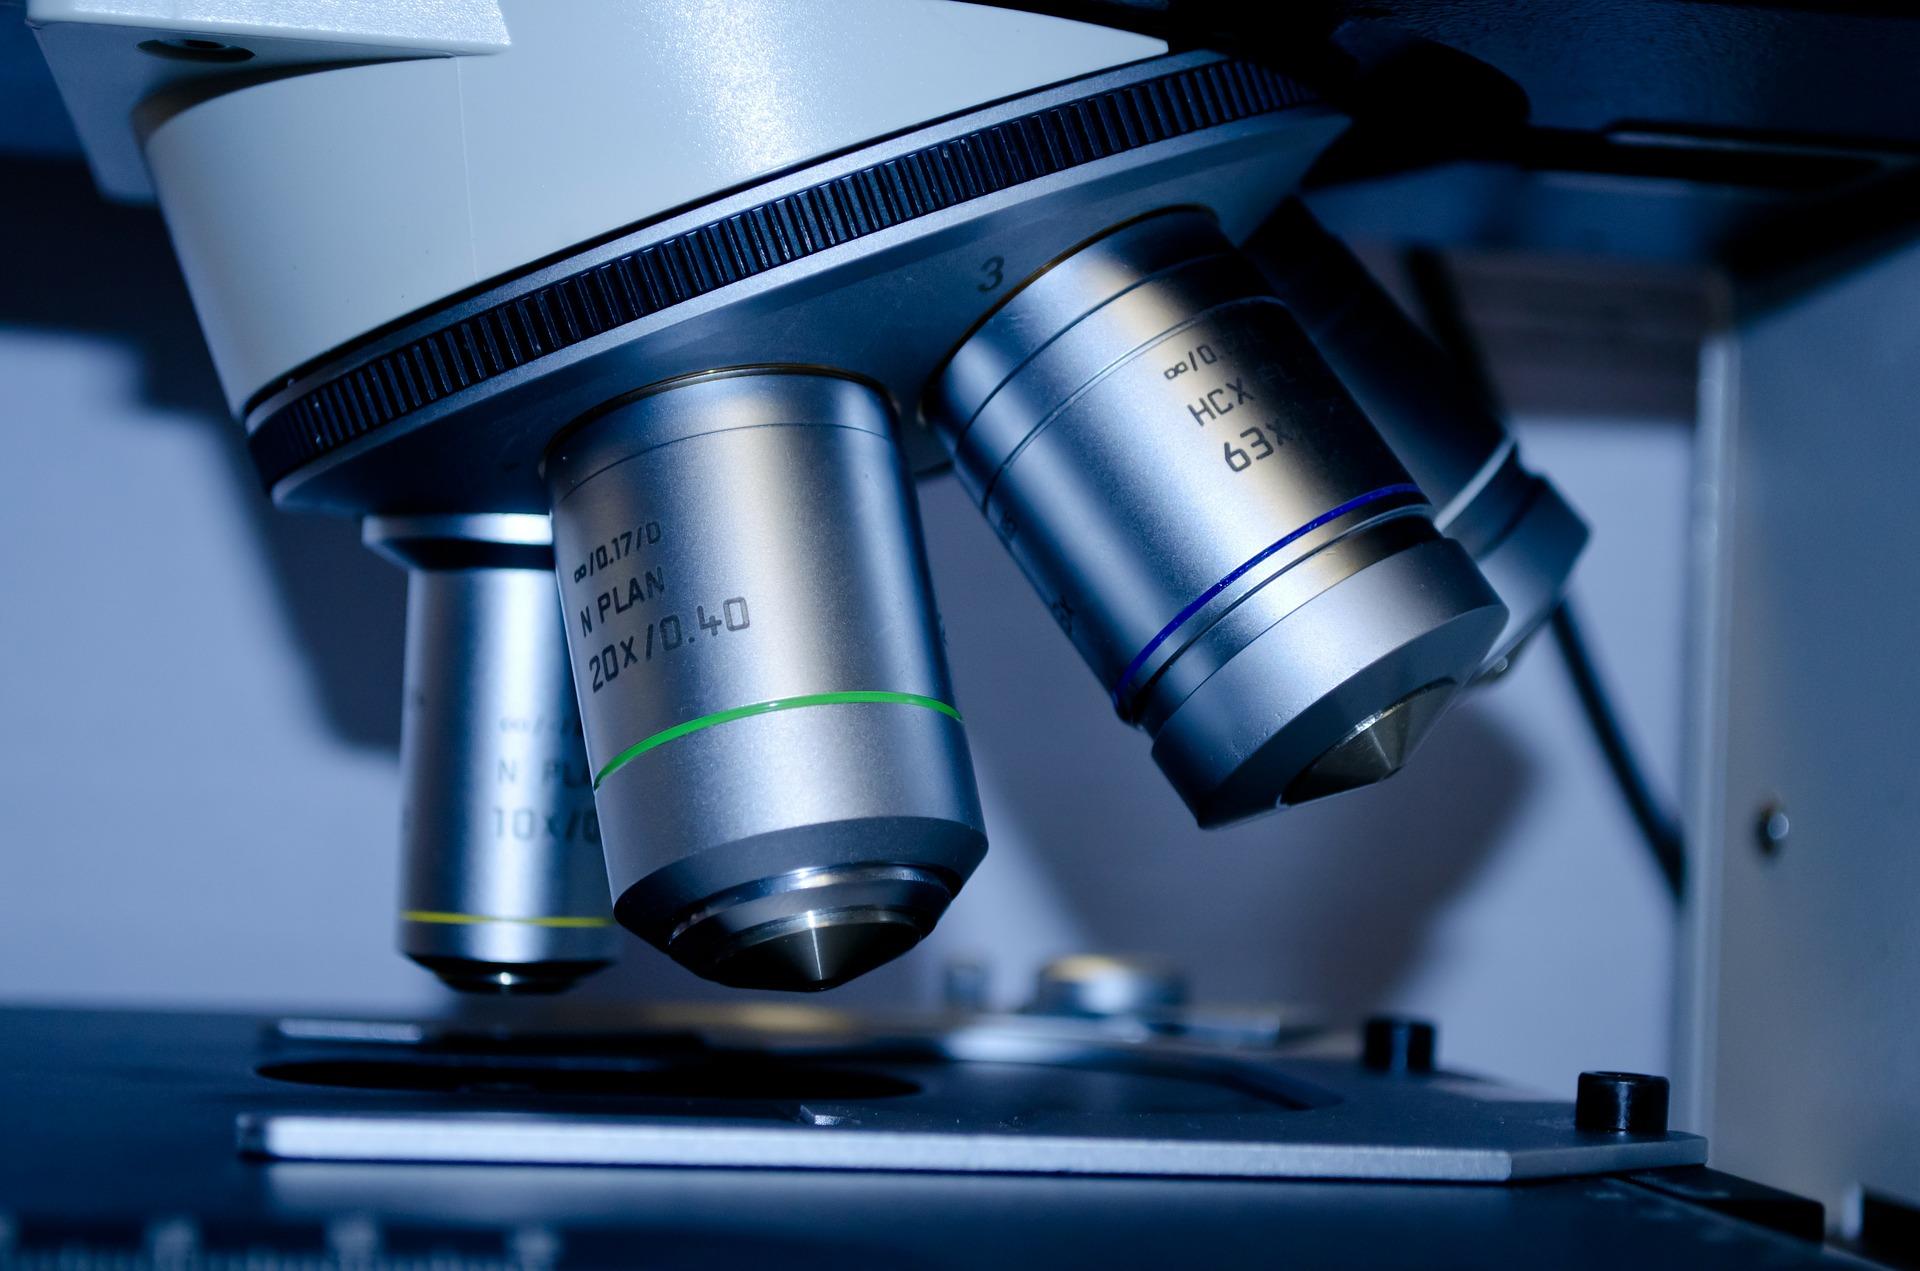 Die Qualitätssicherung ist eine Dienstleistungs- und Überwachungsabteilung der Firma Wolfgang Loch.